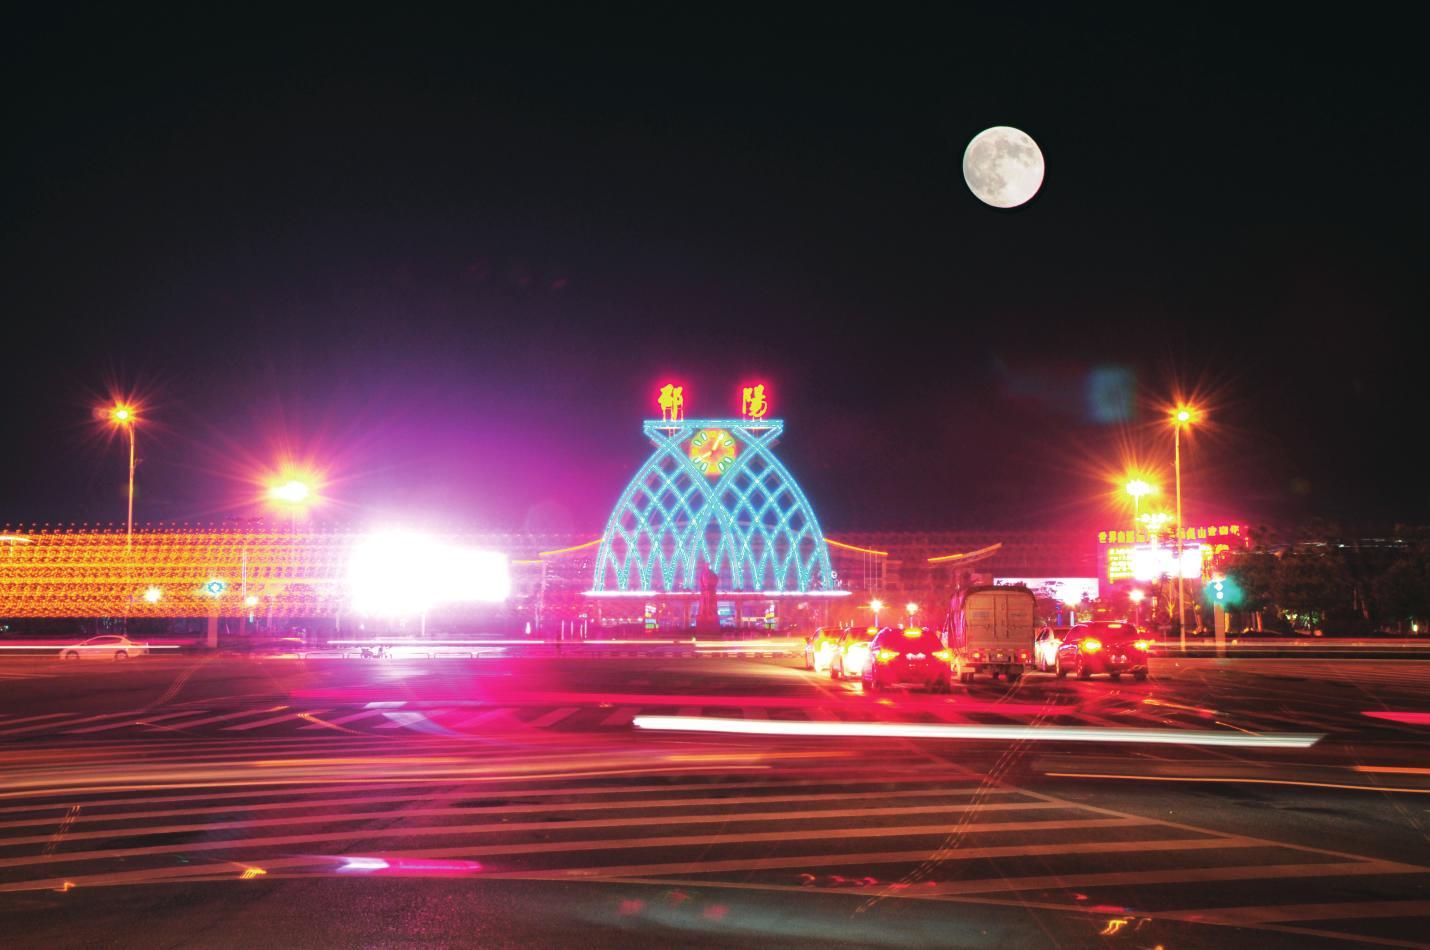 市区邵阳火车站上空的月亮.欧阳德珍摄